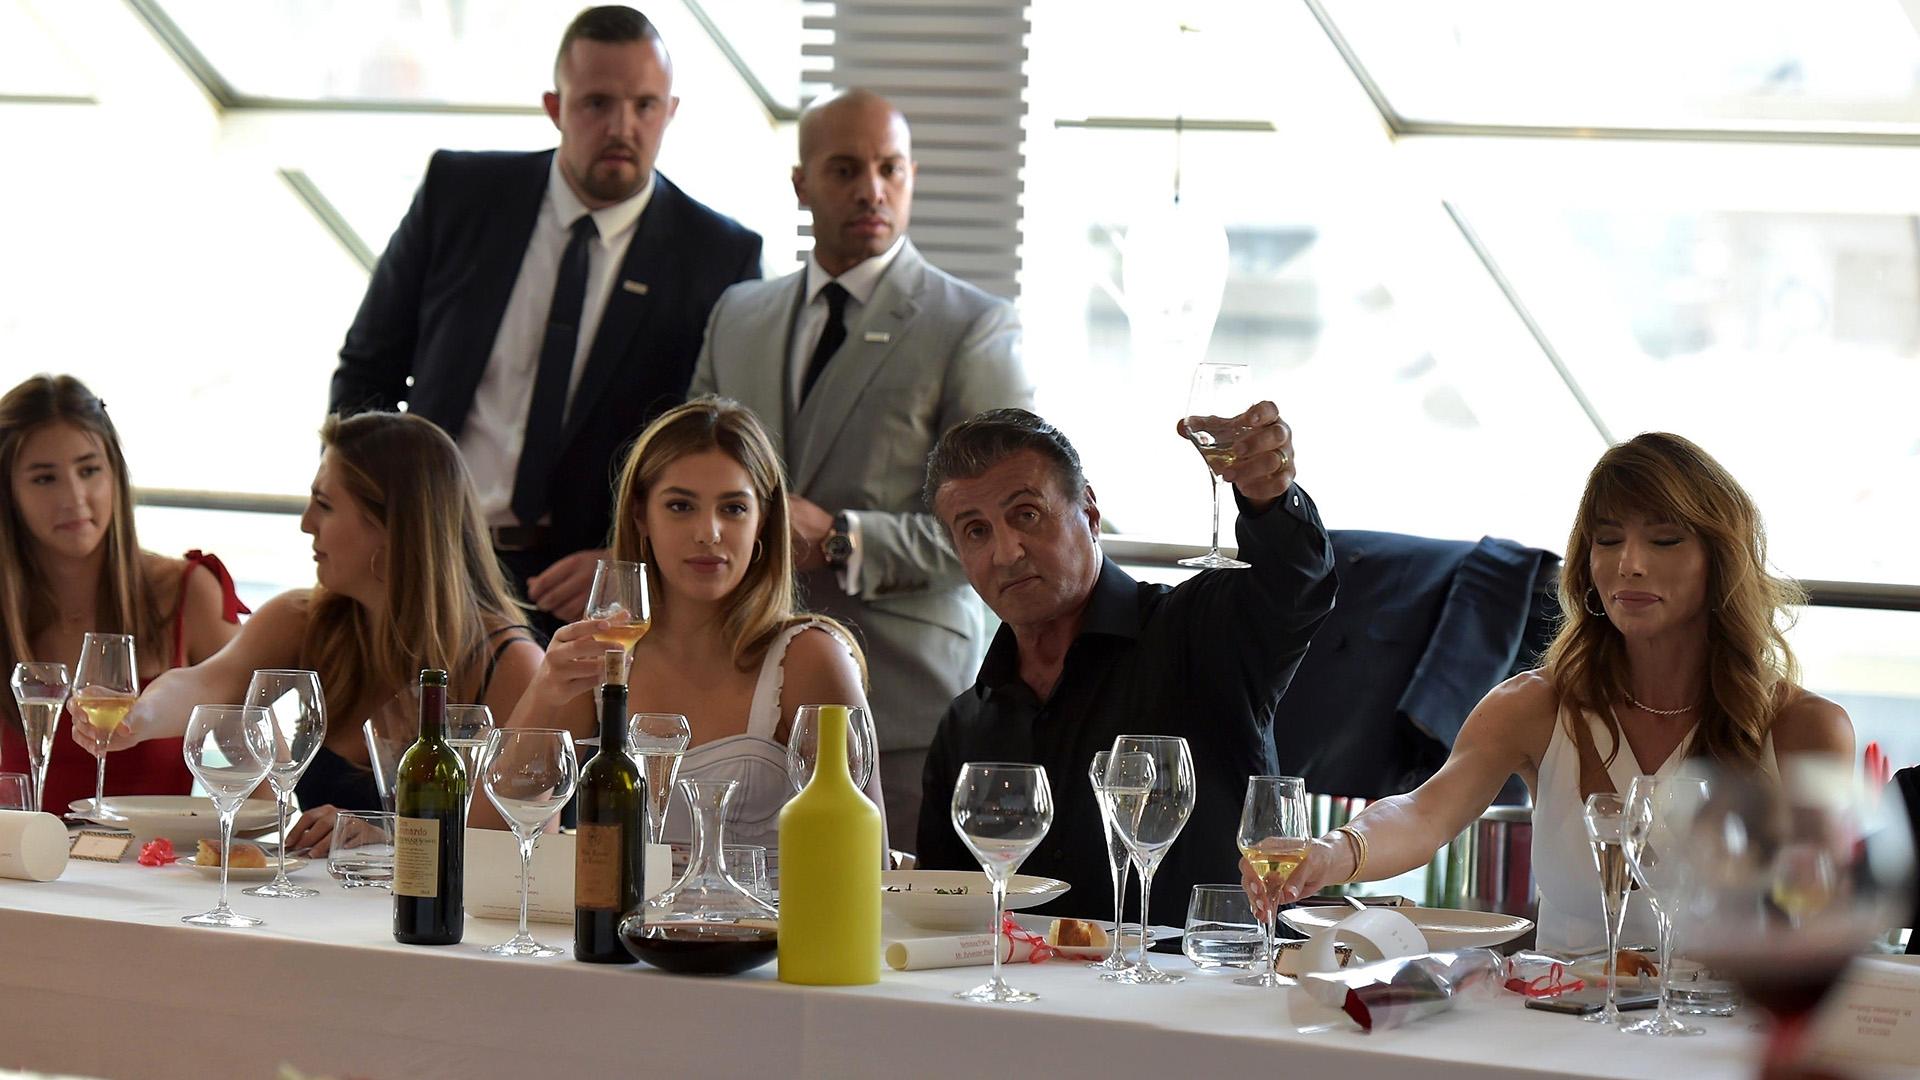 El momento del brindis junto a su familia (Grosby Group)